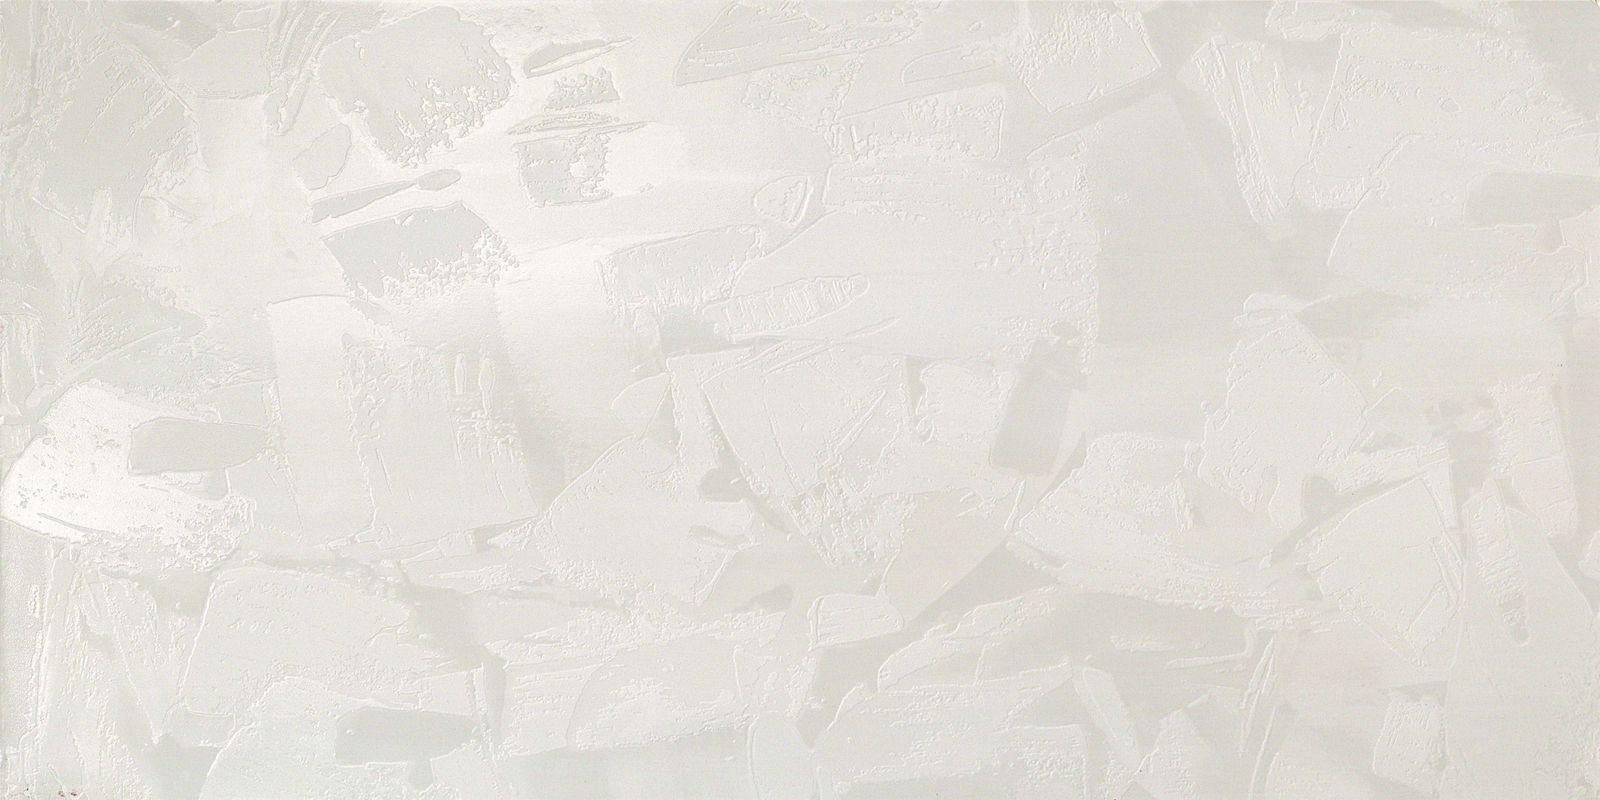 Купить Керамическая плитка Atlas Concorde Mark White Paint 8MPW декор 40х80, Италия